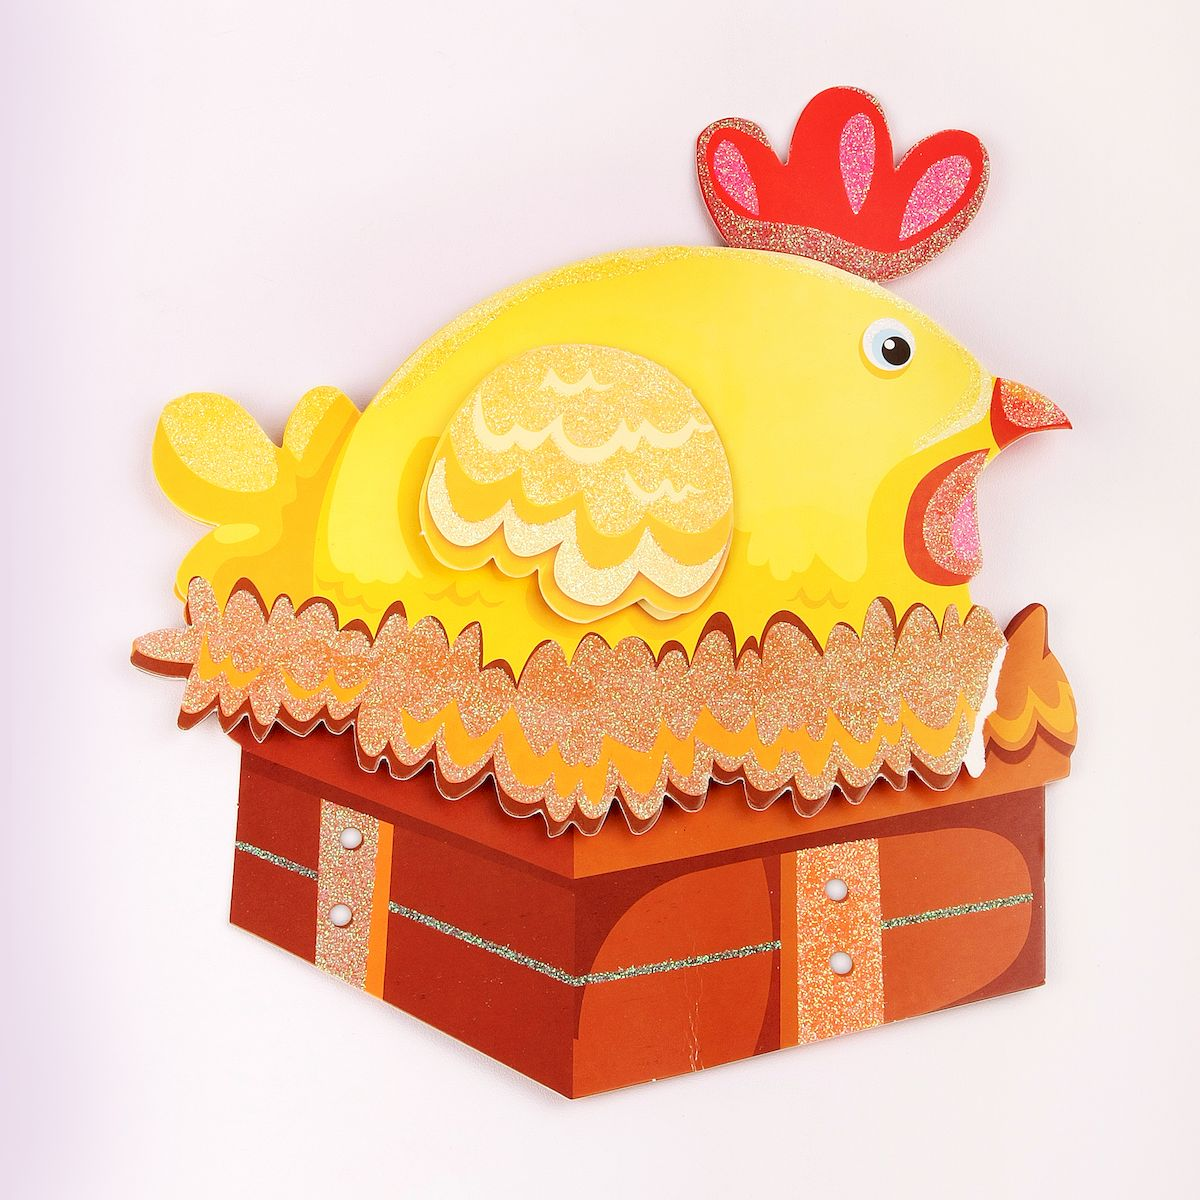 Наклейка декоративная Magic Home Курочка, 35,5 х 25 см31814Яркая, забавная наклейка украсит не только детскую комнату, но и станет отличным дополнением к любому подарку. Наклейку можно использовать как украшение стен и, например, фасадов шкафов и различных ящиков.